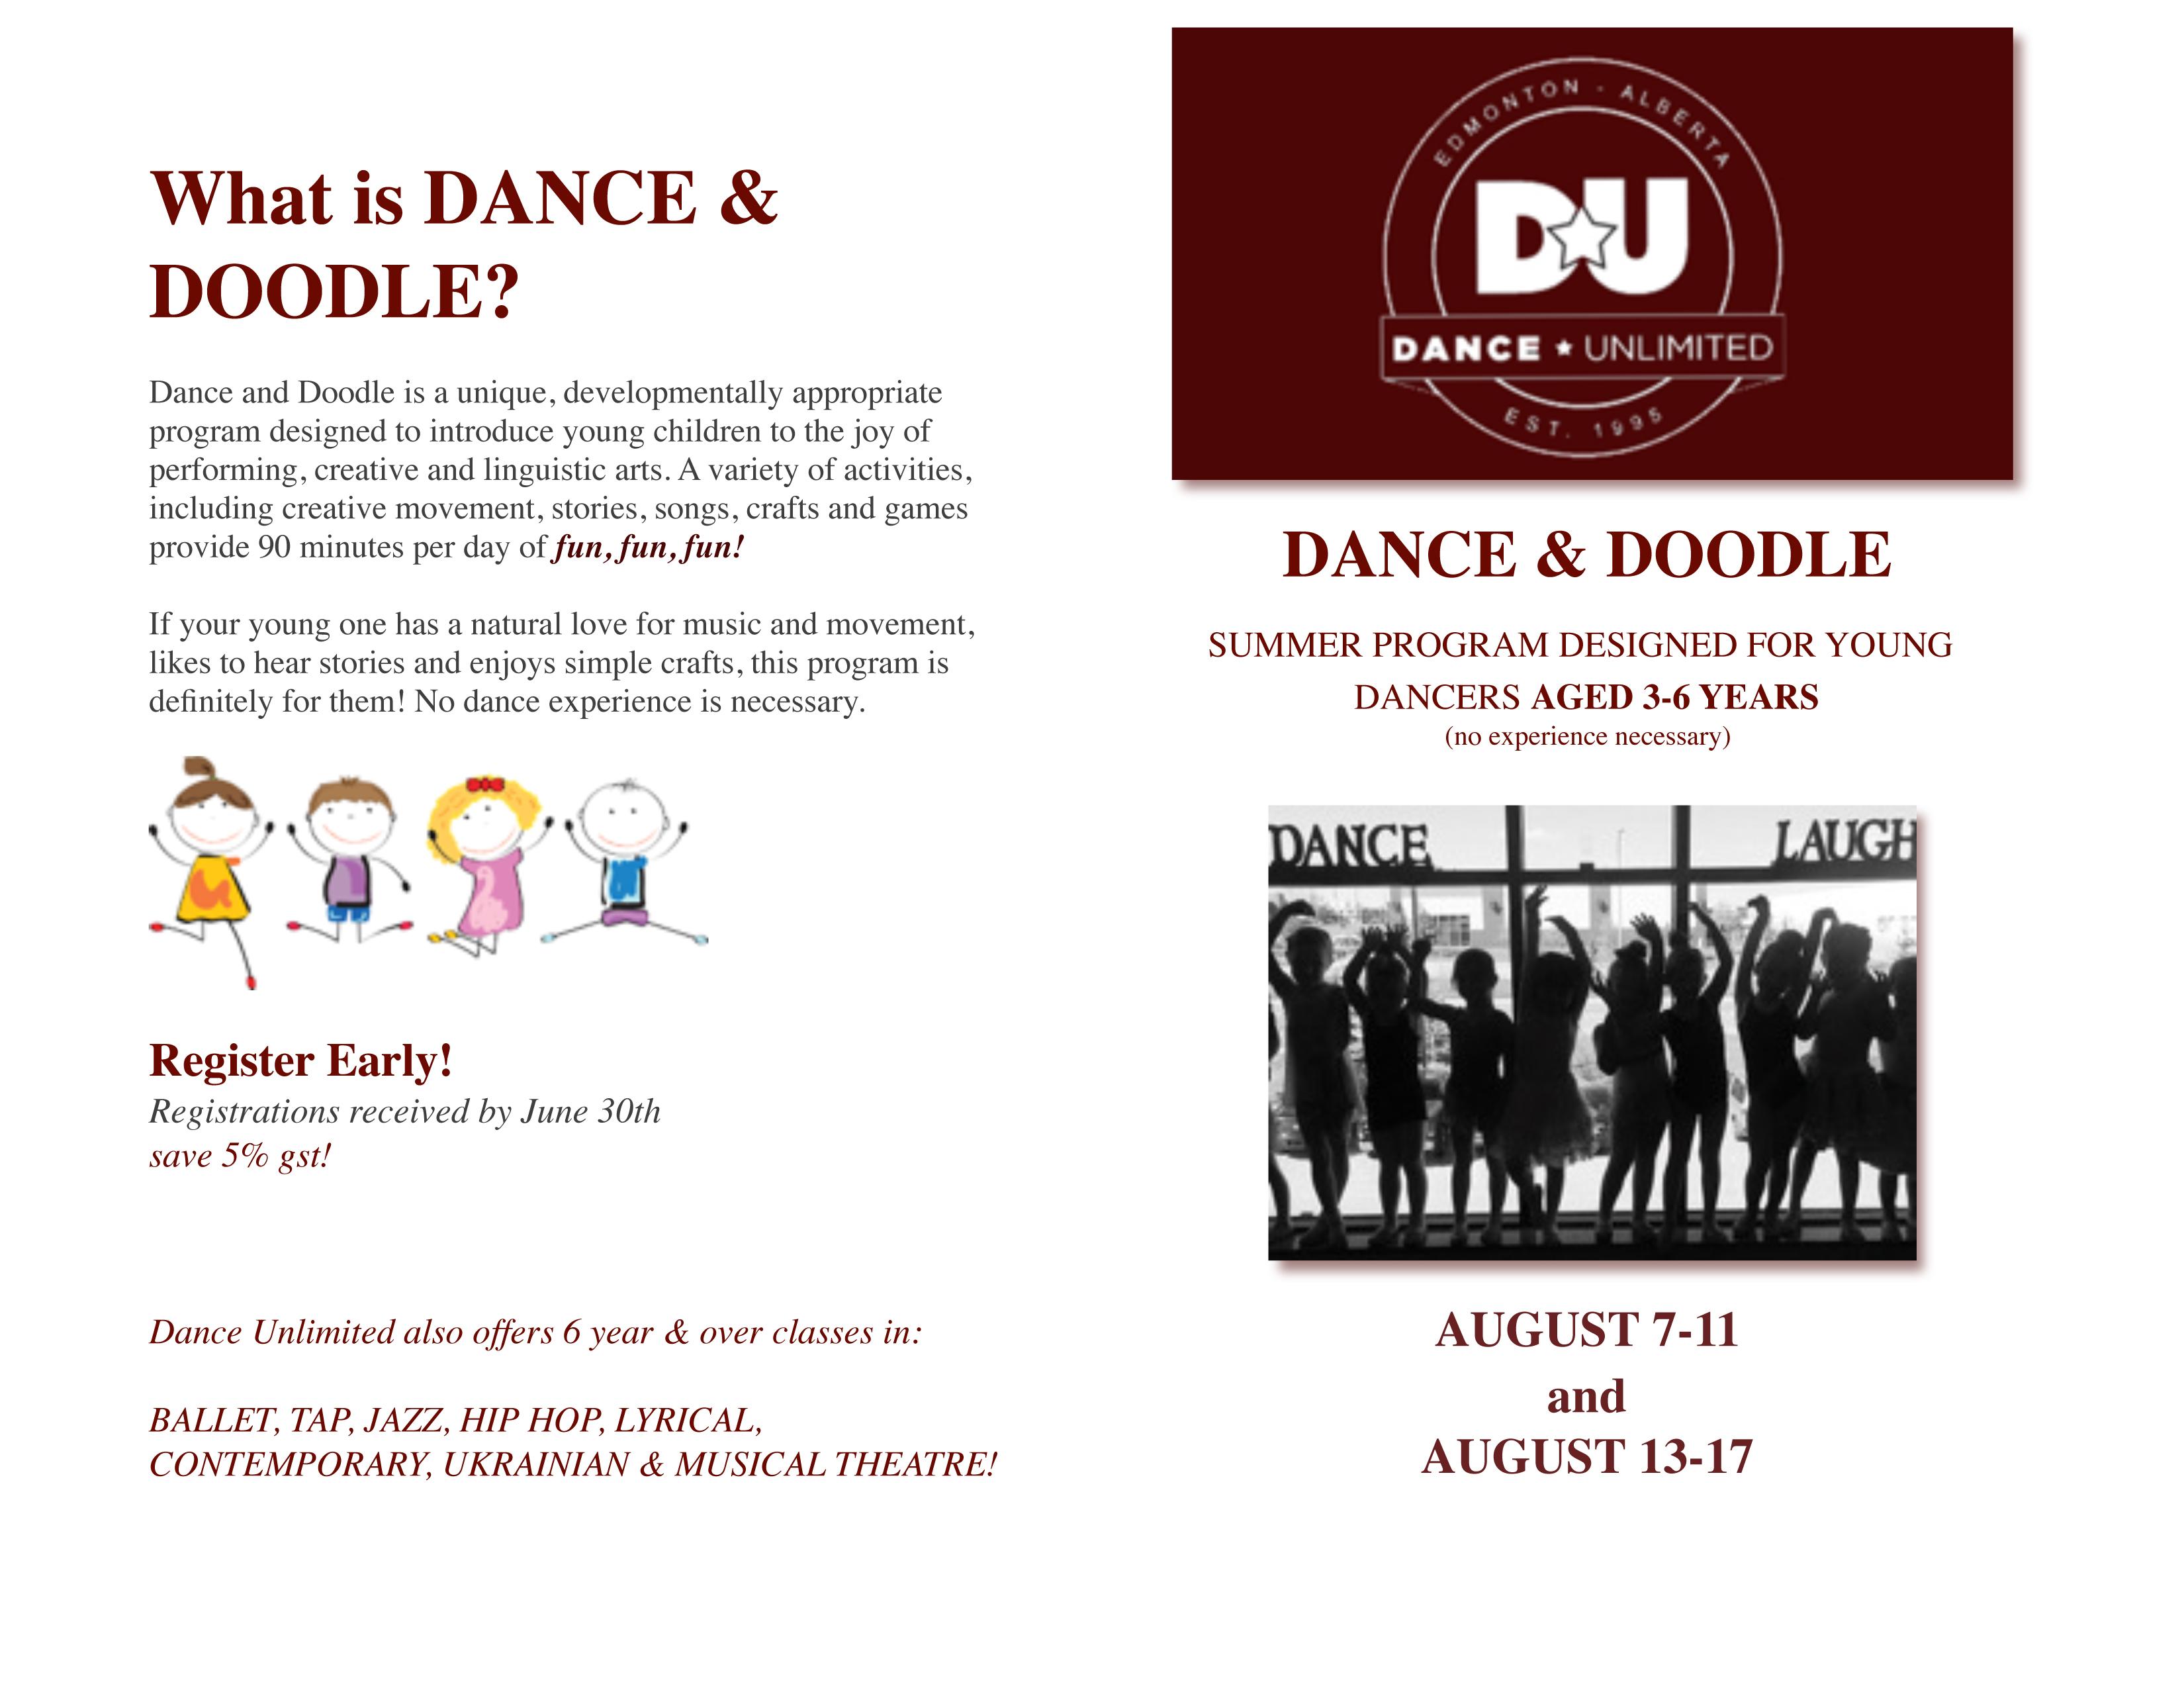 DanceDoodle2015